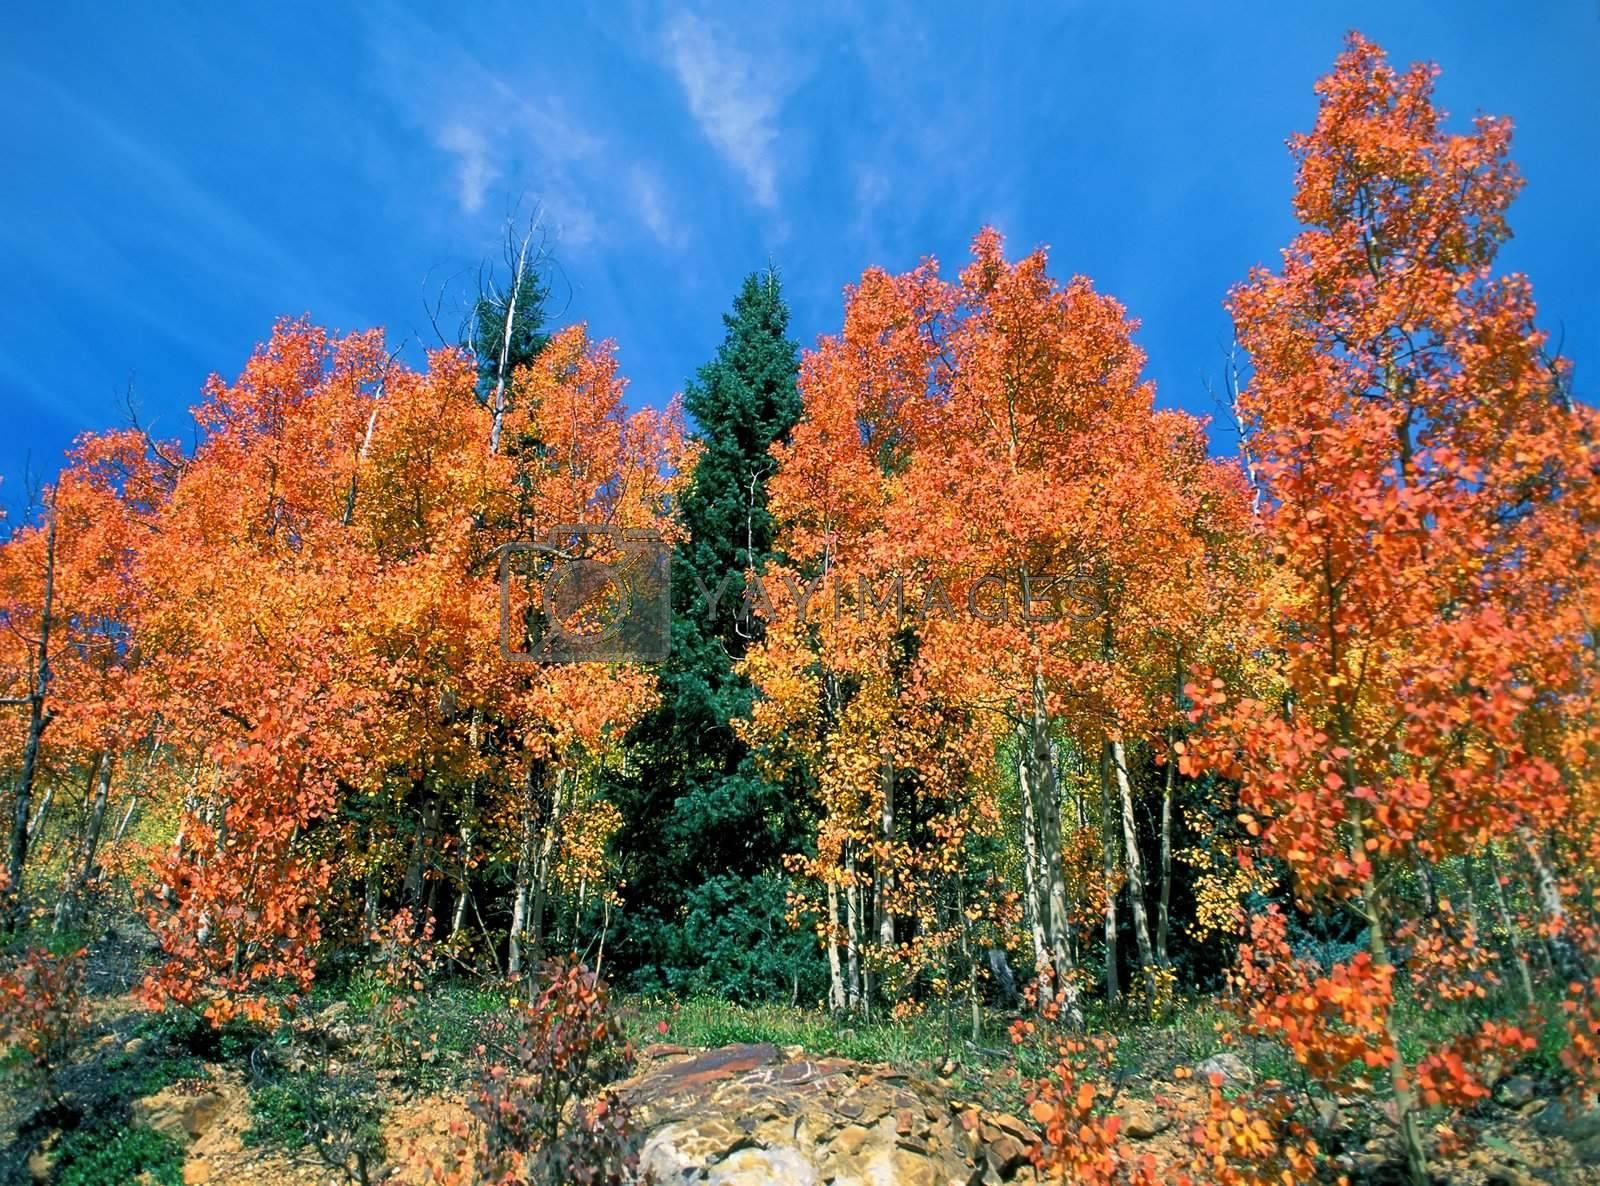 Fall scene in Colorado.